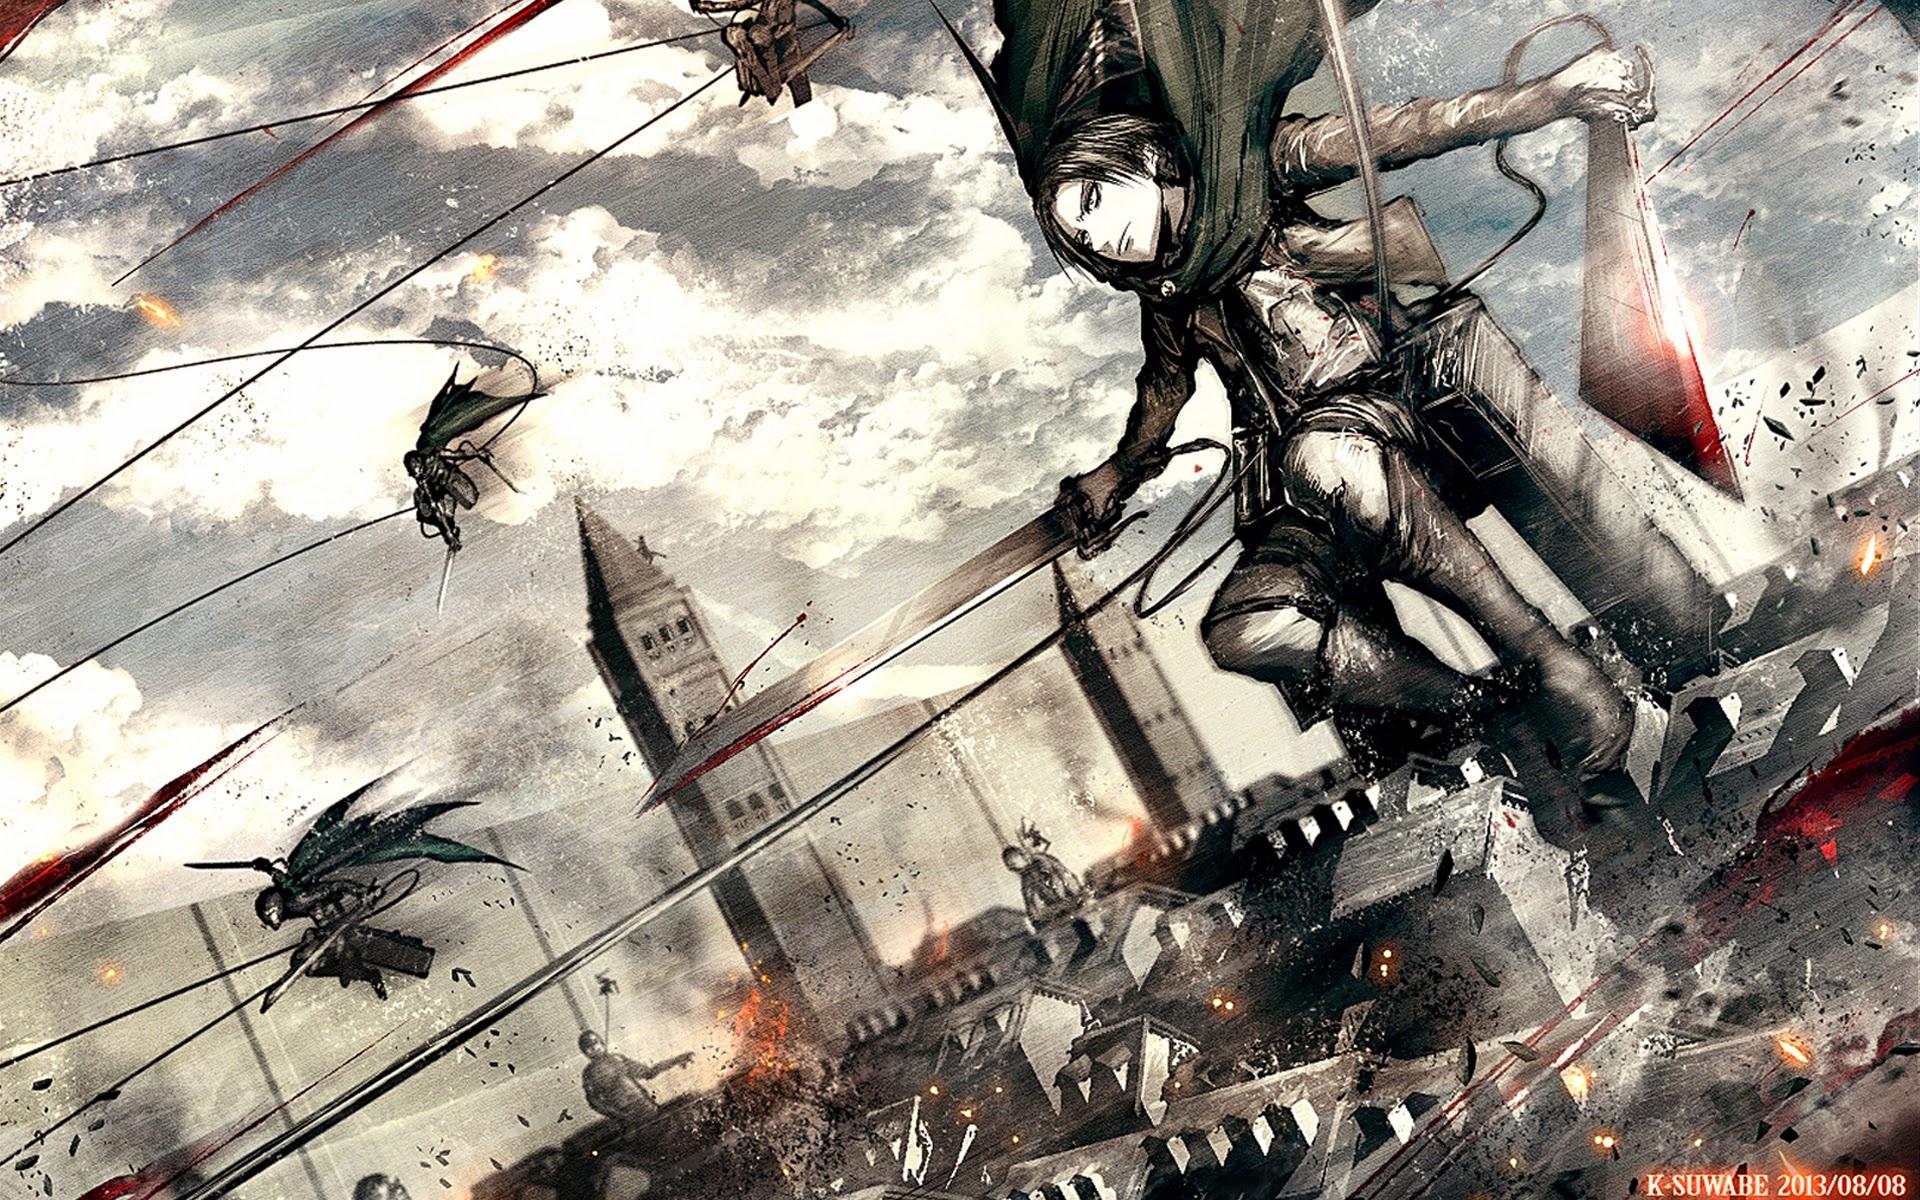 Attack on Titan Levi Picture 9v Wallpaper HD